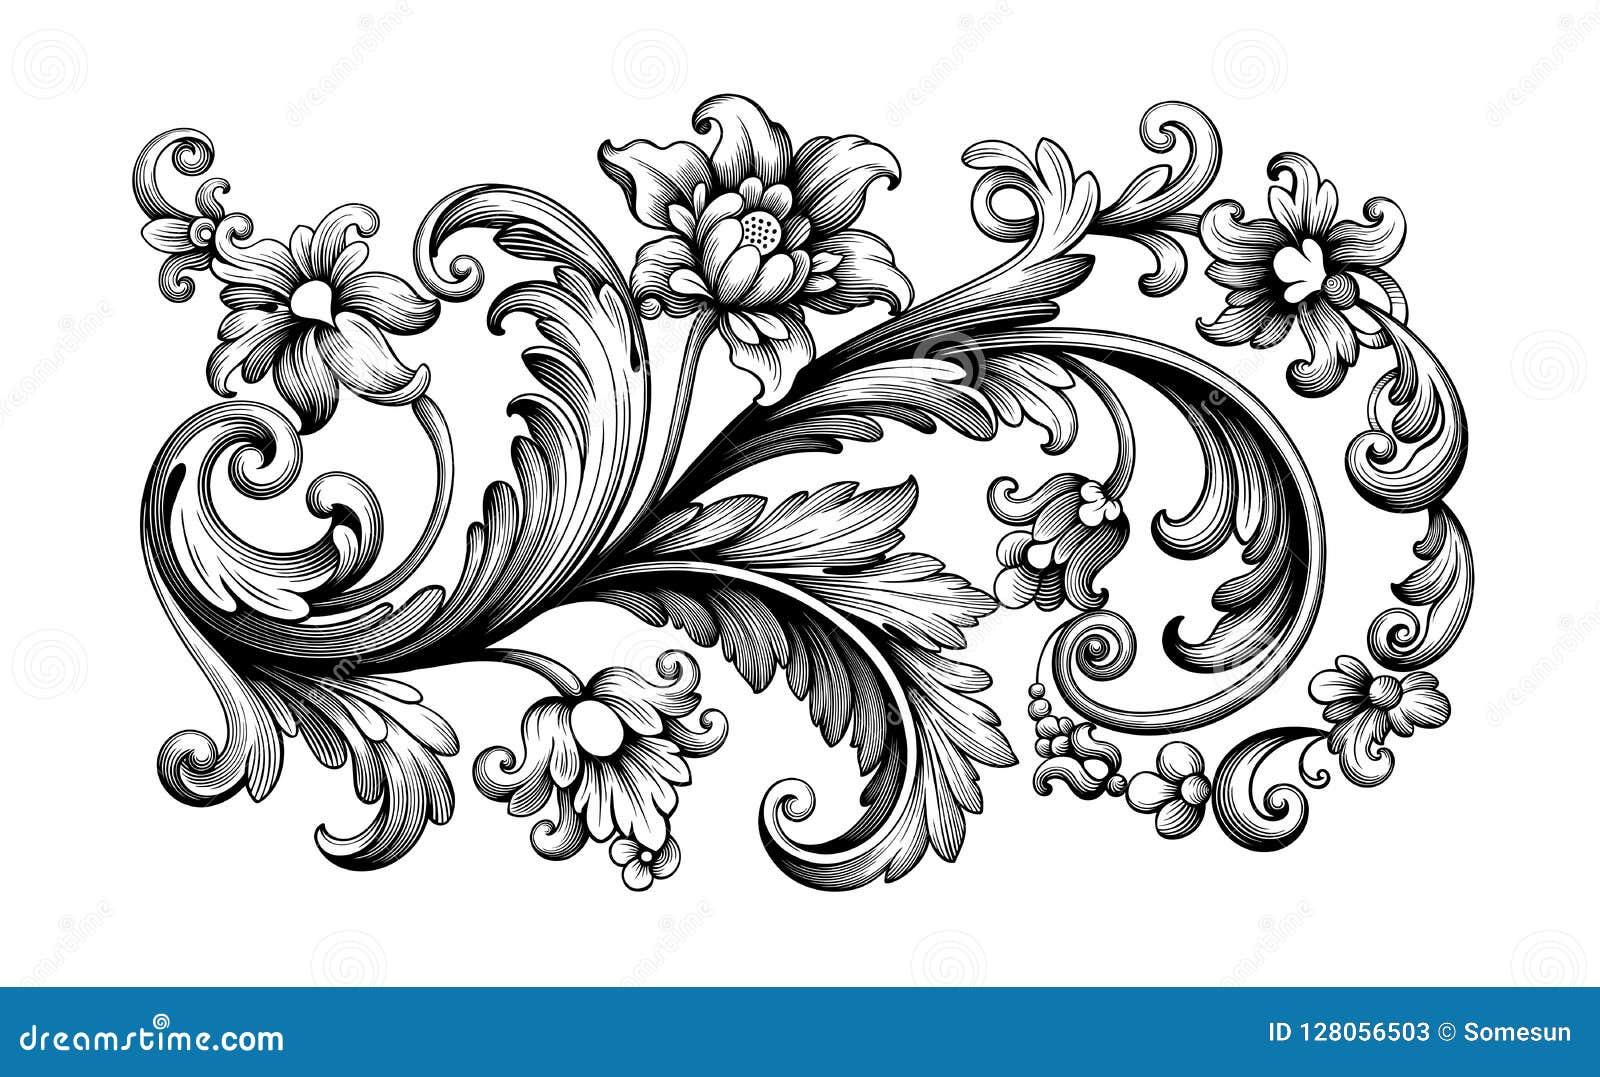 Victoriaanse het kadergrens van de bloem nam de uitstekende Barokke rol het bloemenornament retro patroon graveerde de filigraanv